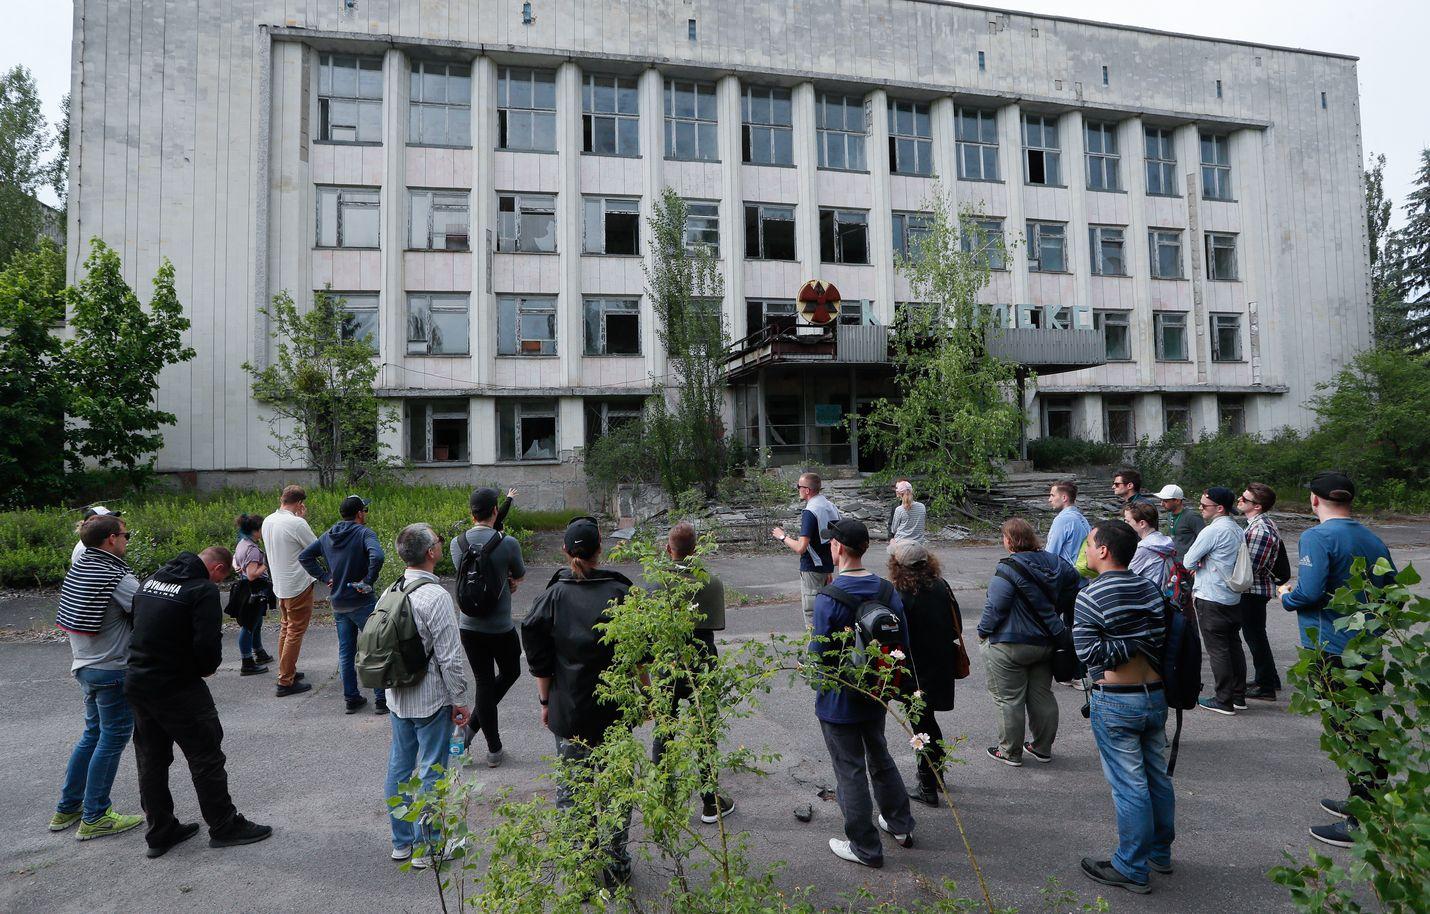 Ukrainan mukaan Tshernobylissä vieraili noin 60 000 turistia vuonna 2017.